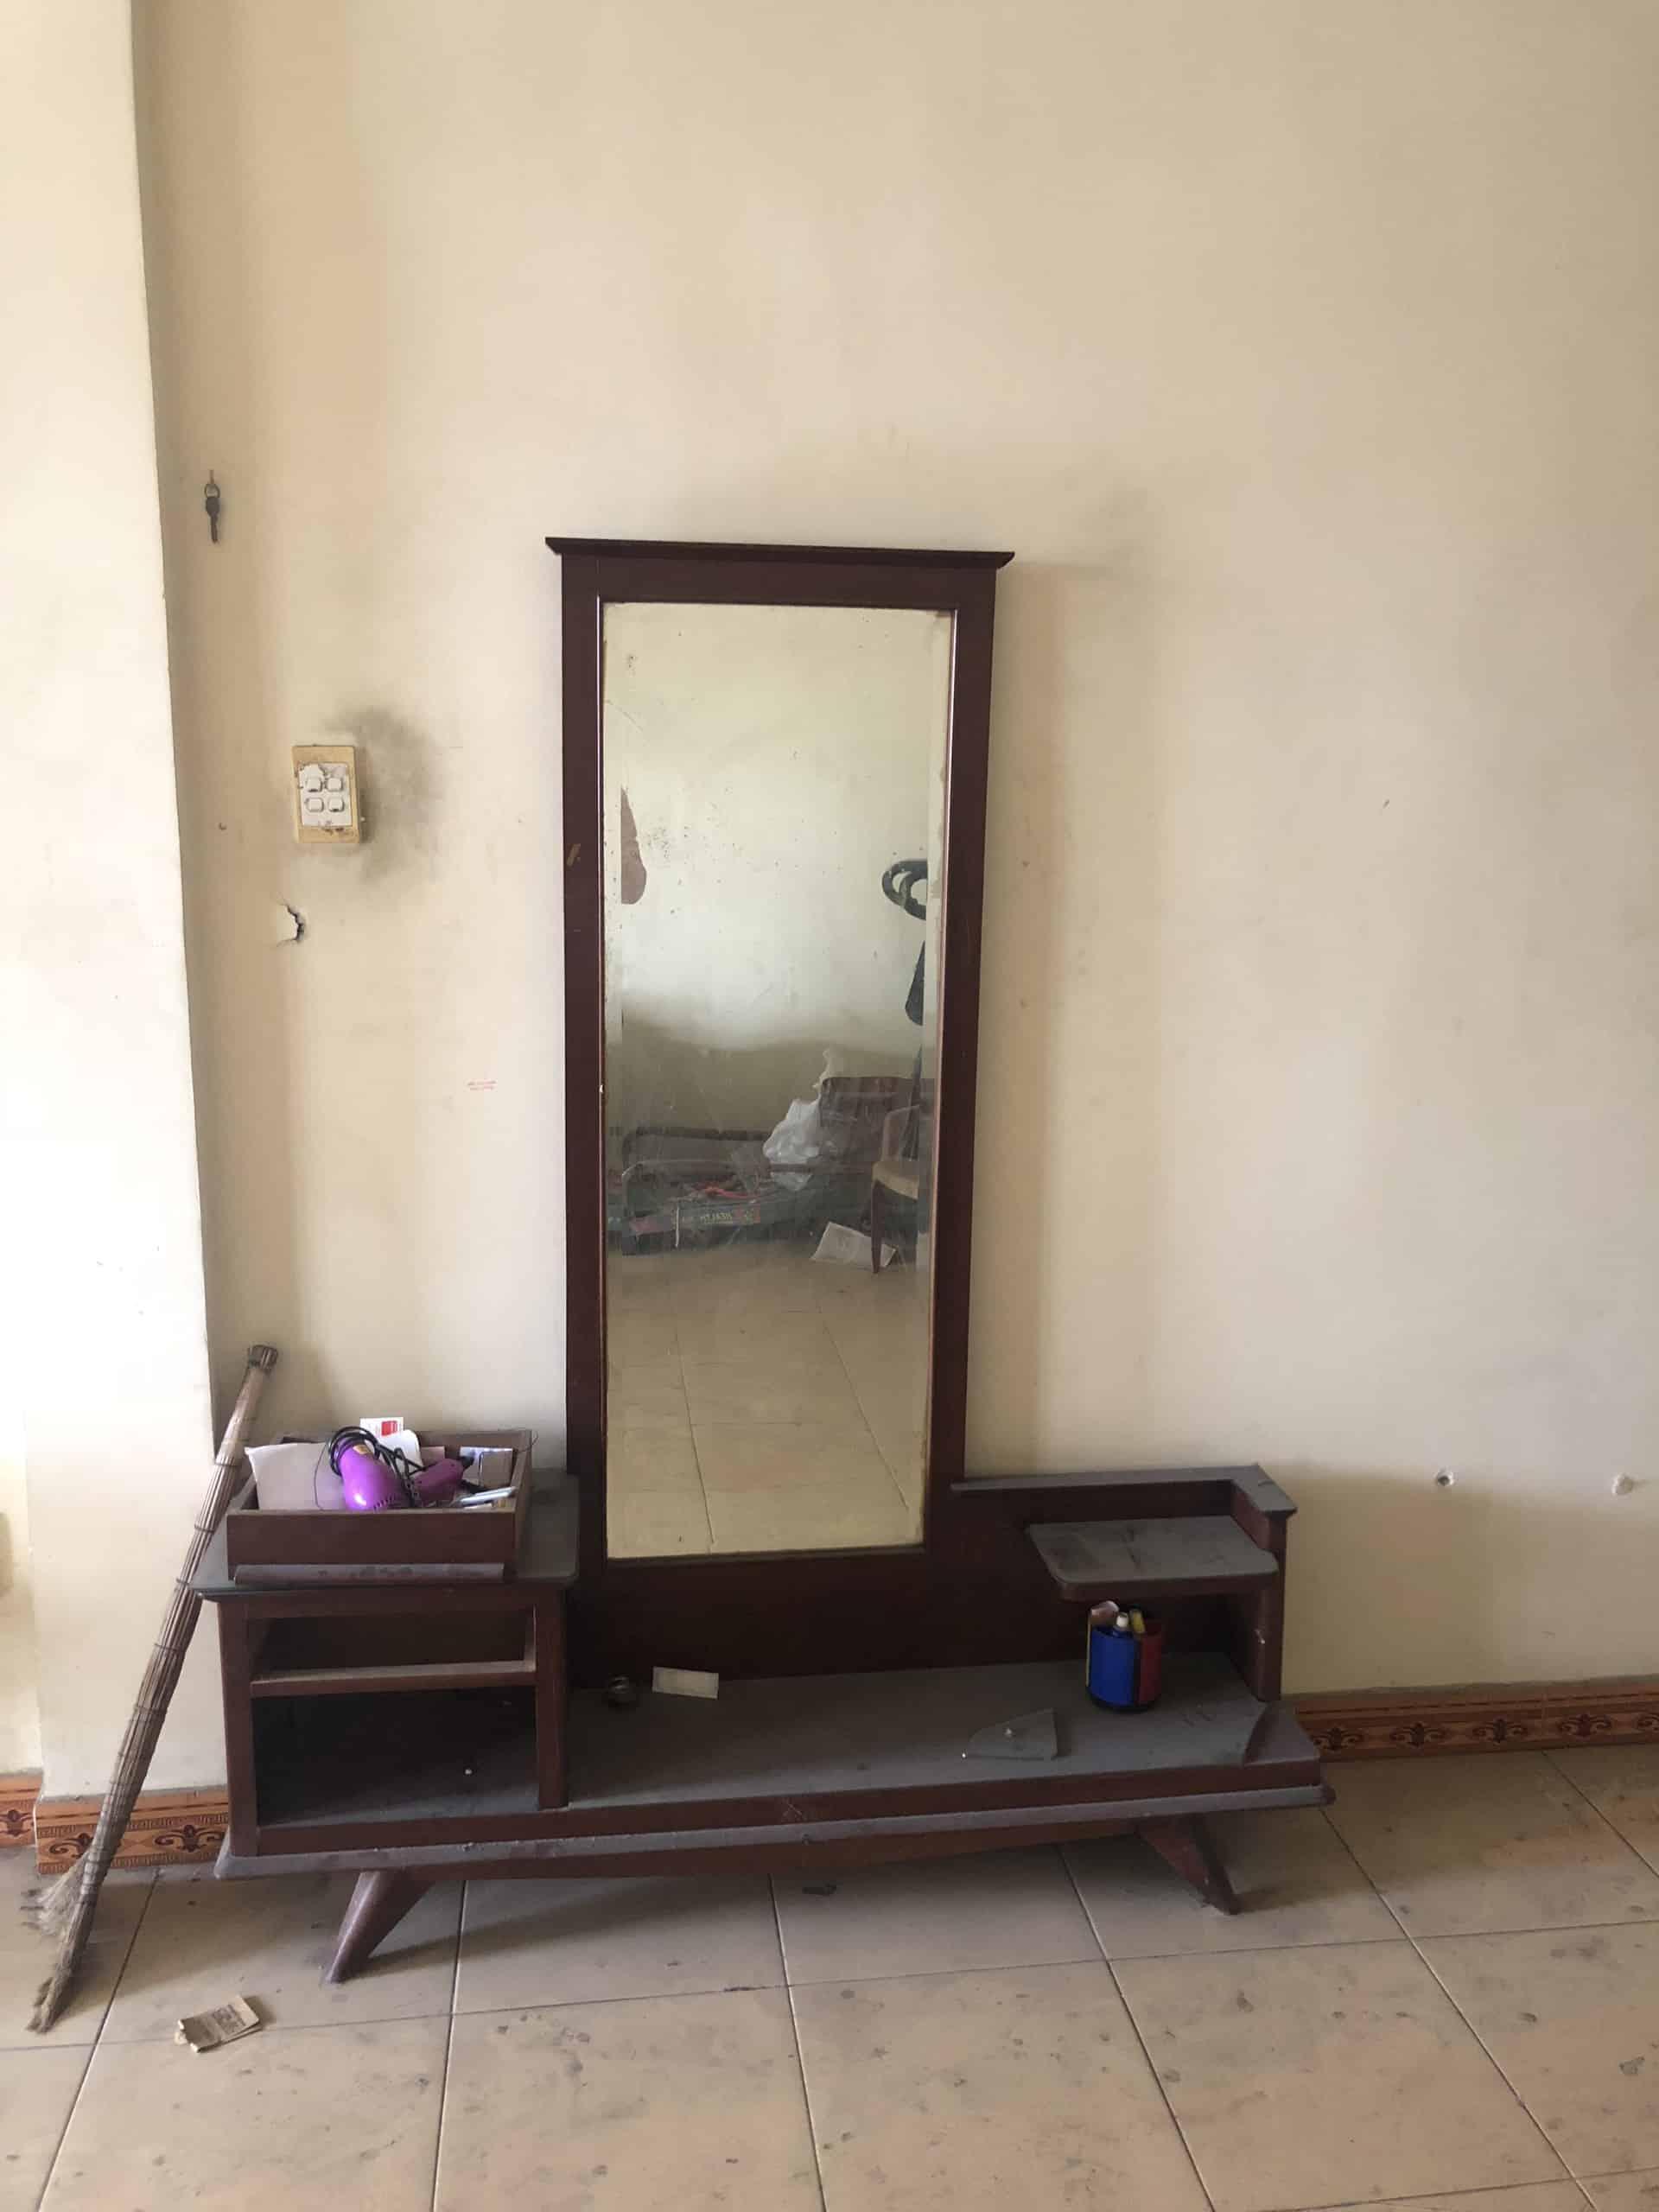 Đo vẽ hiện trạng, cải tạo căn hộ cho thuê Airbnb đường Mai Thị Lựu trước khi cải tạo 3